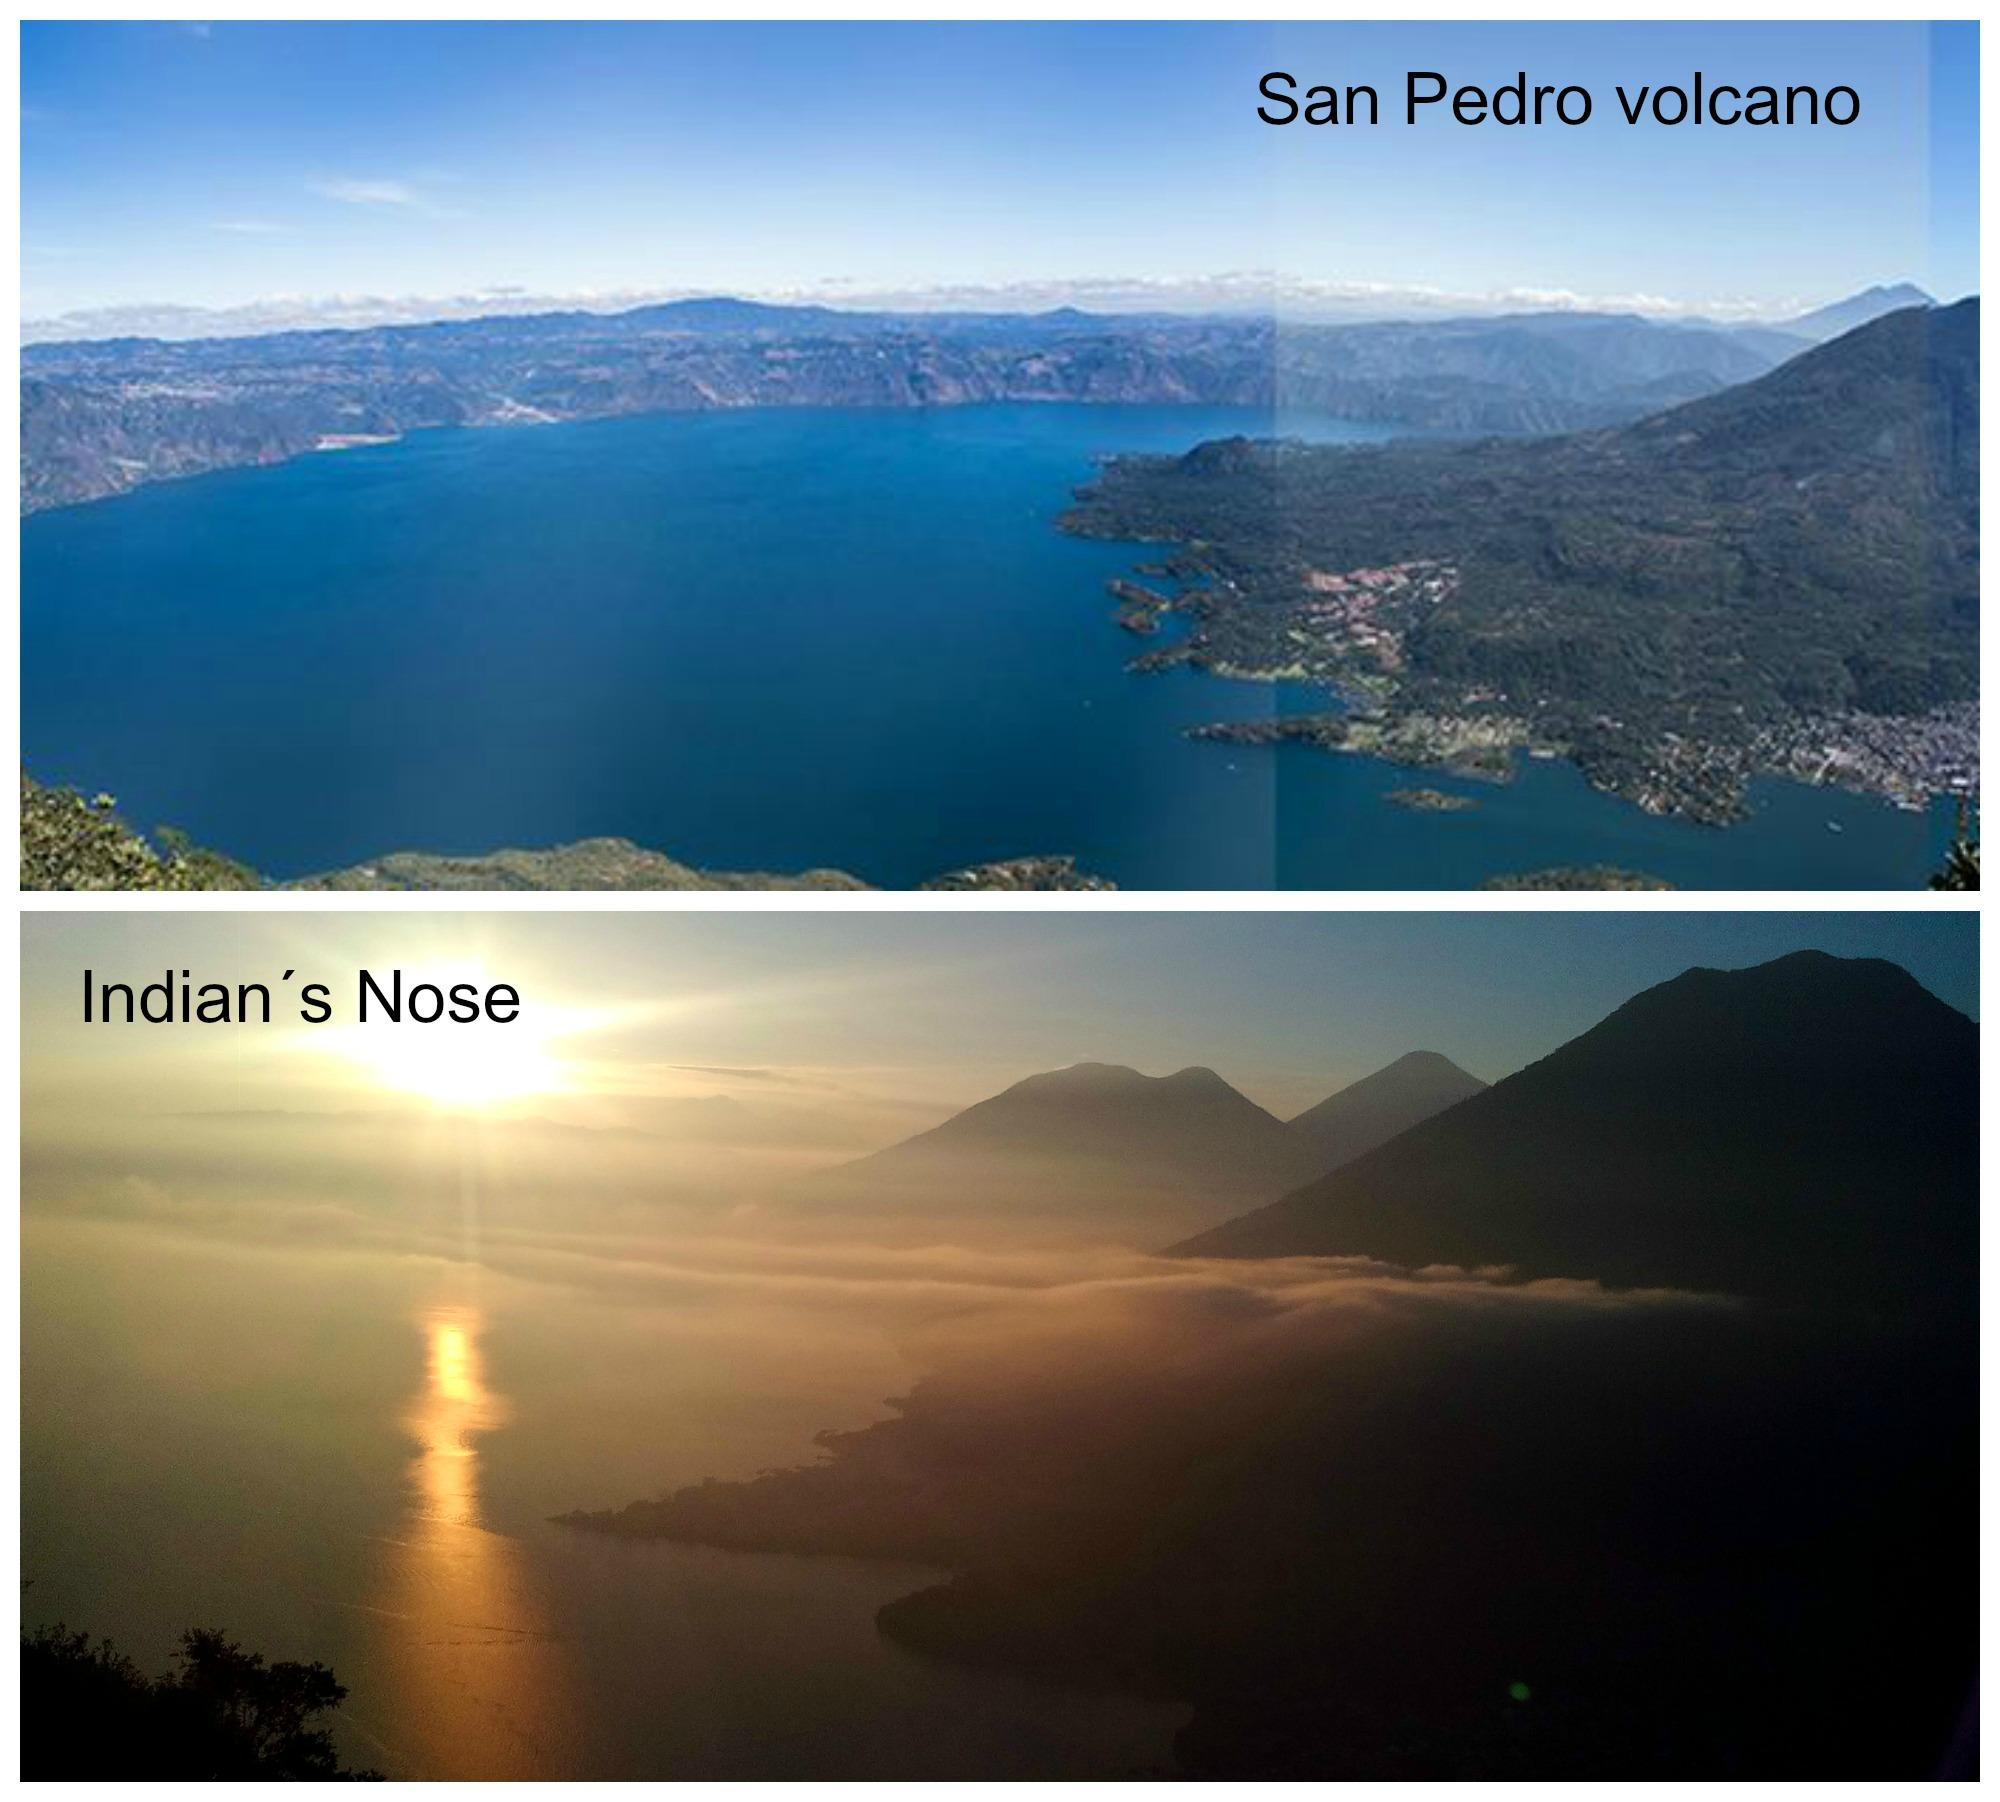 volcan san pedro y en indio nose 22